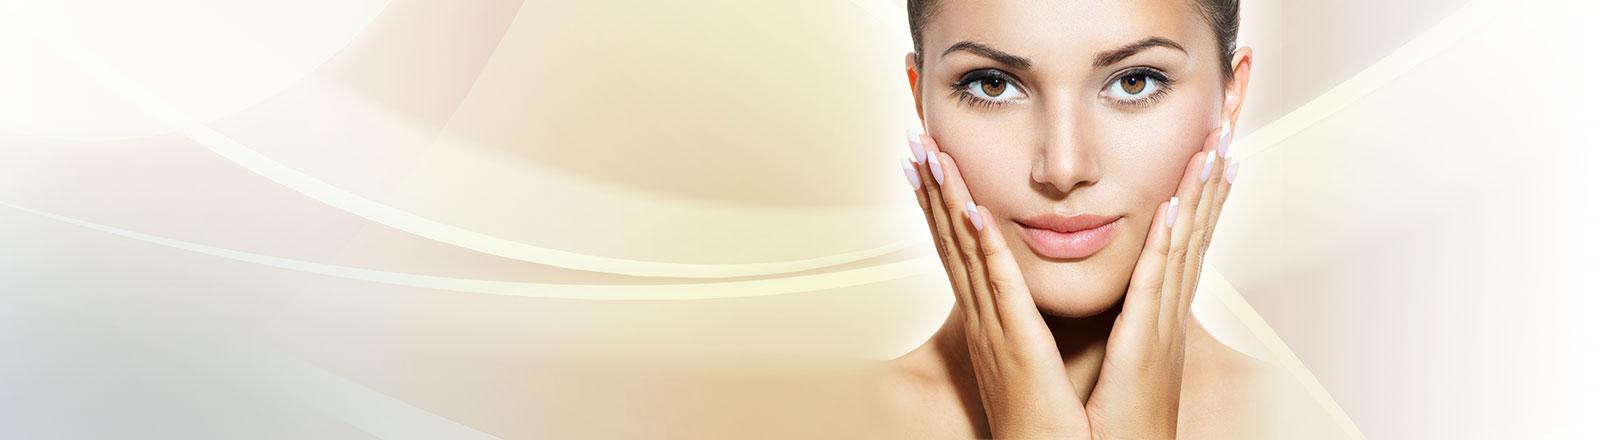 Skincare Facial 119